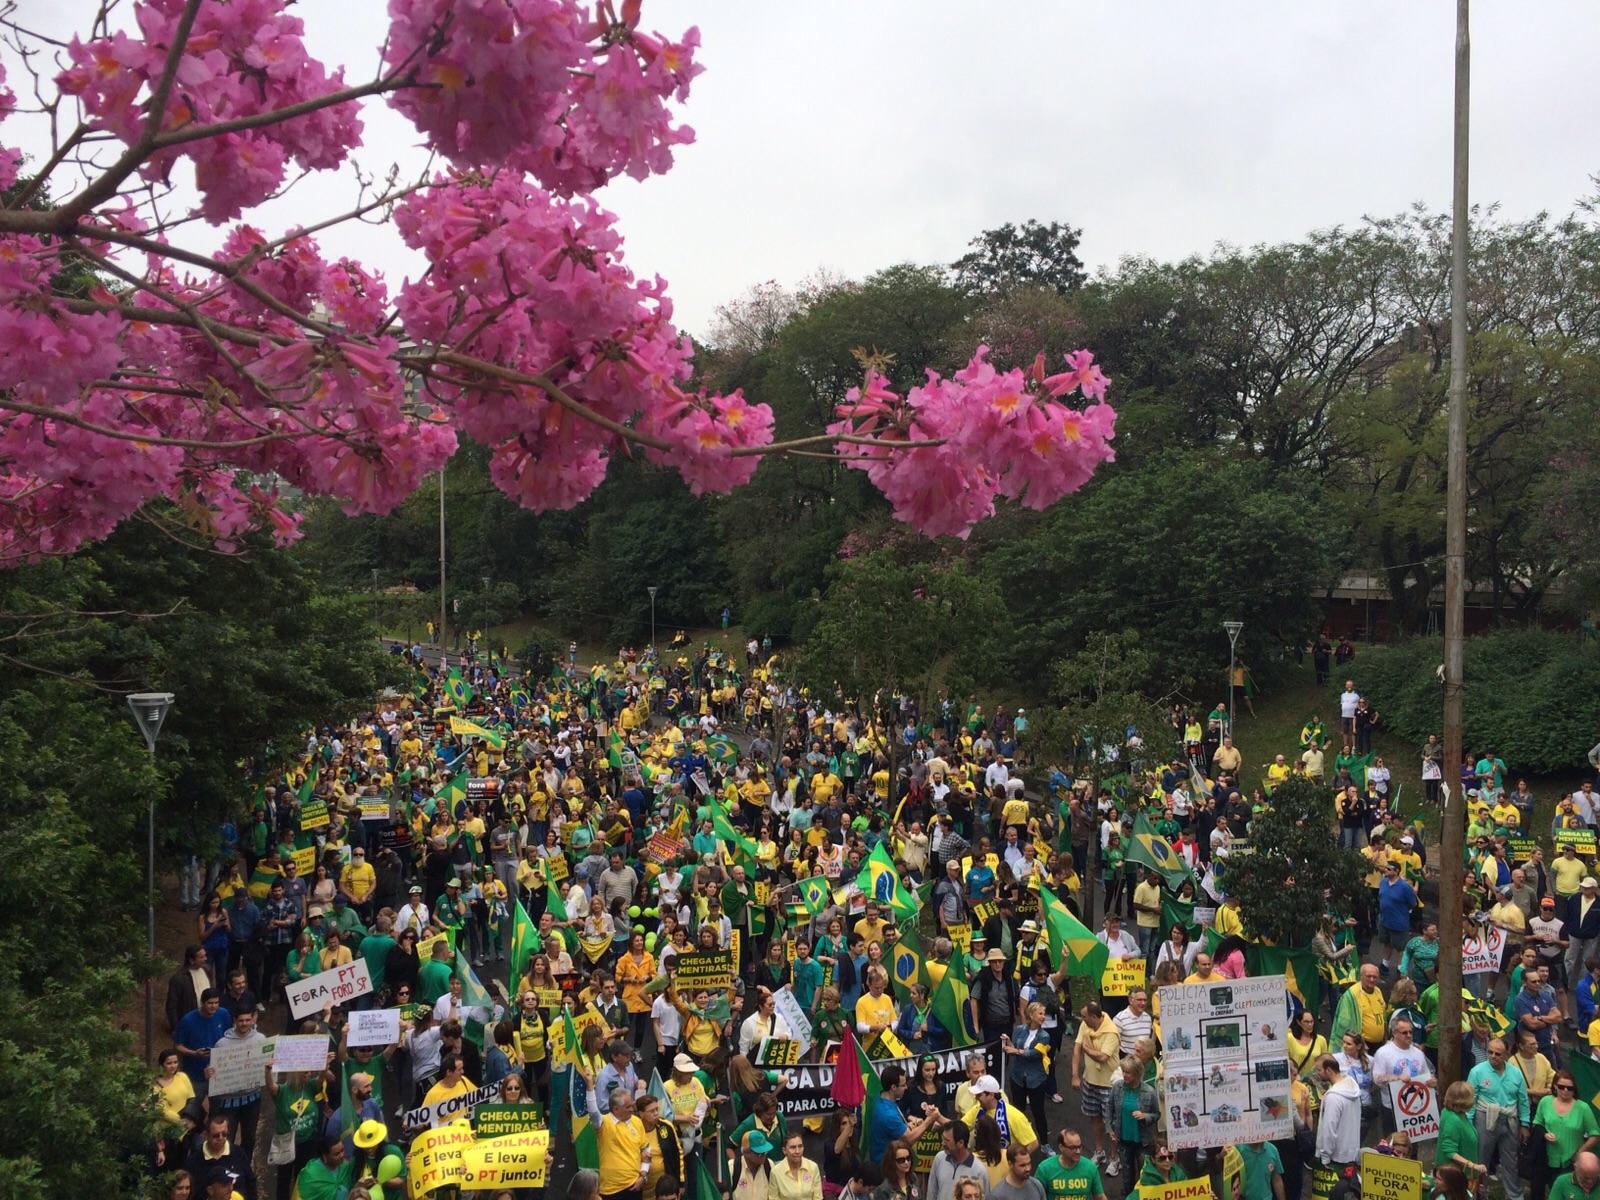 Caminhada em Porto Alegre começou com 20 mil pessoas, diz a BM